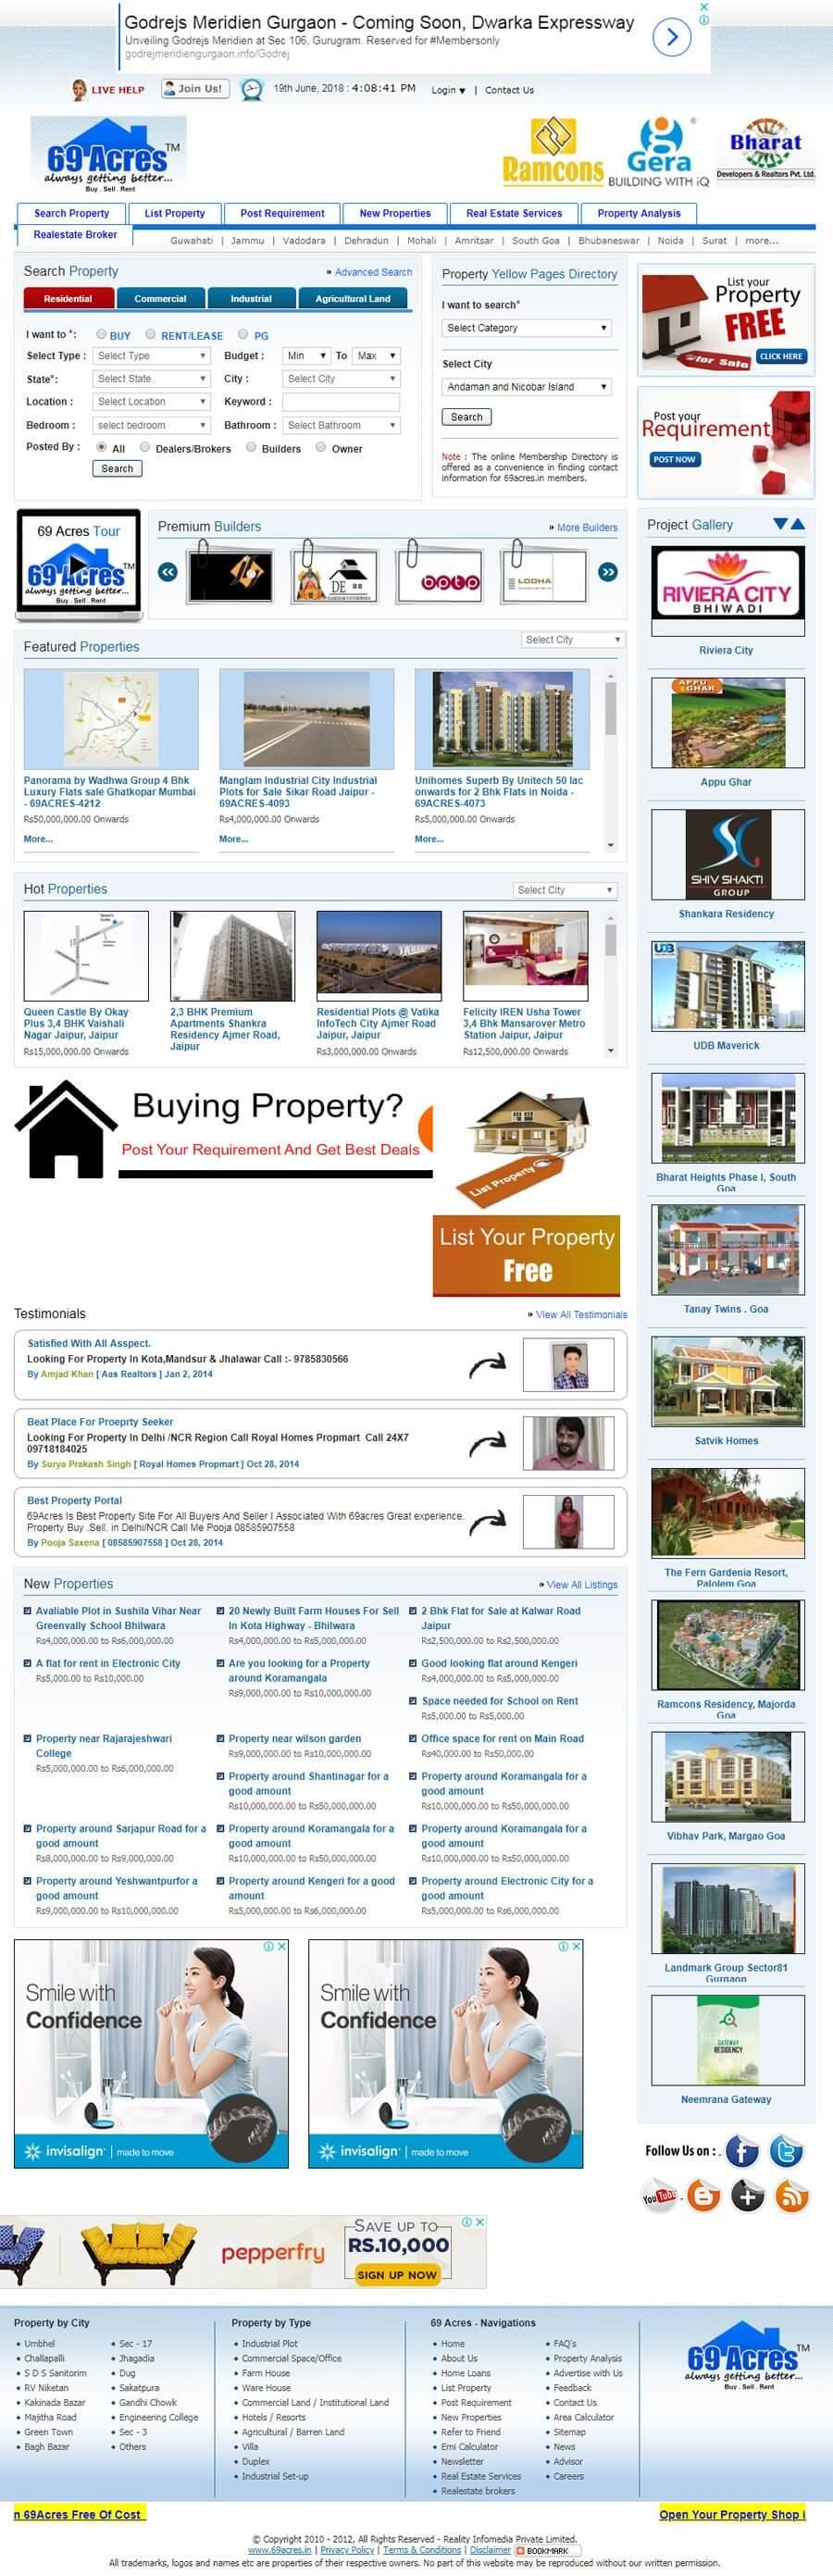 69 Acres - Web Design Portfolio